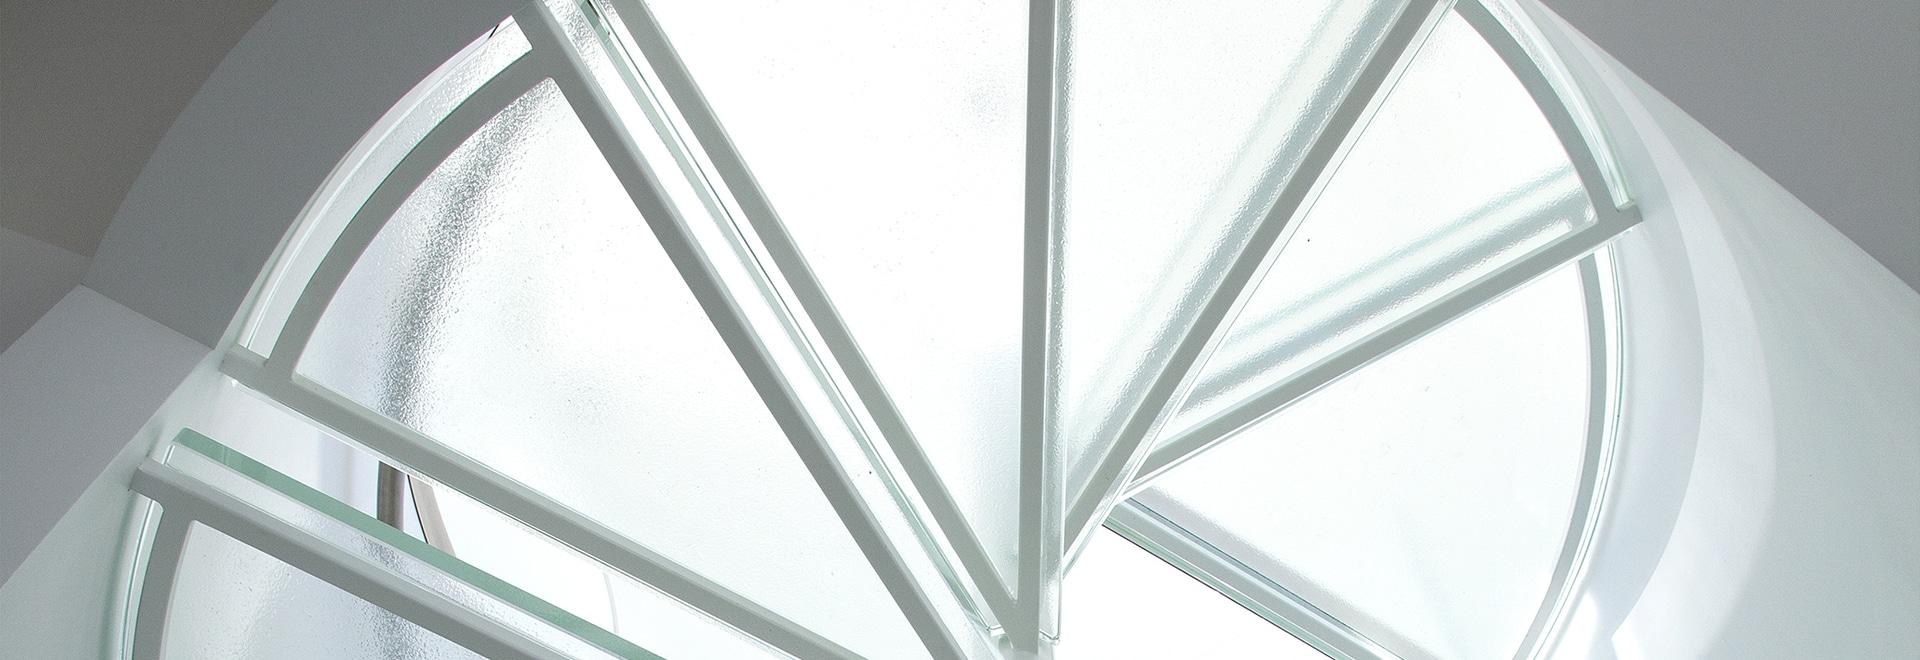 escalera de cristal espiral